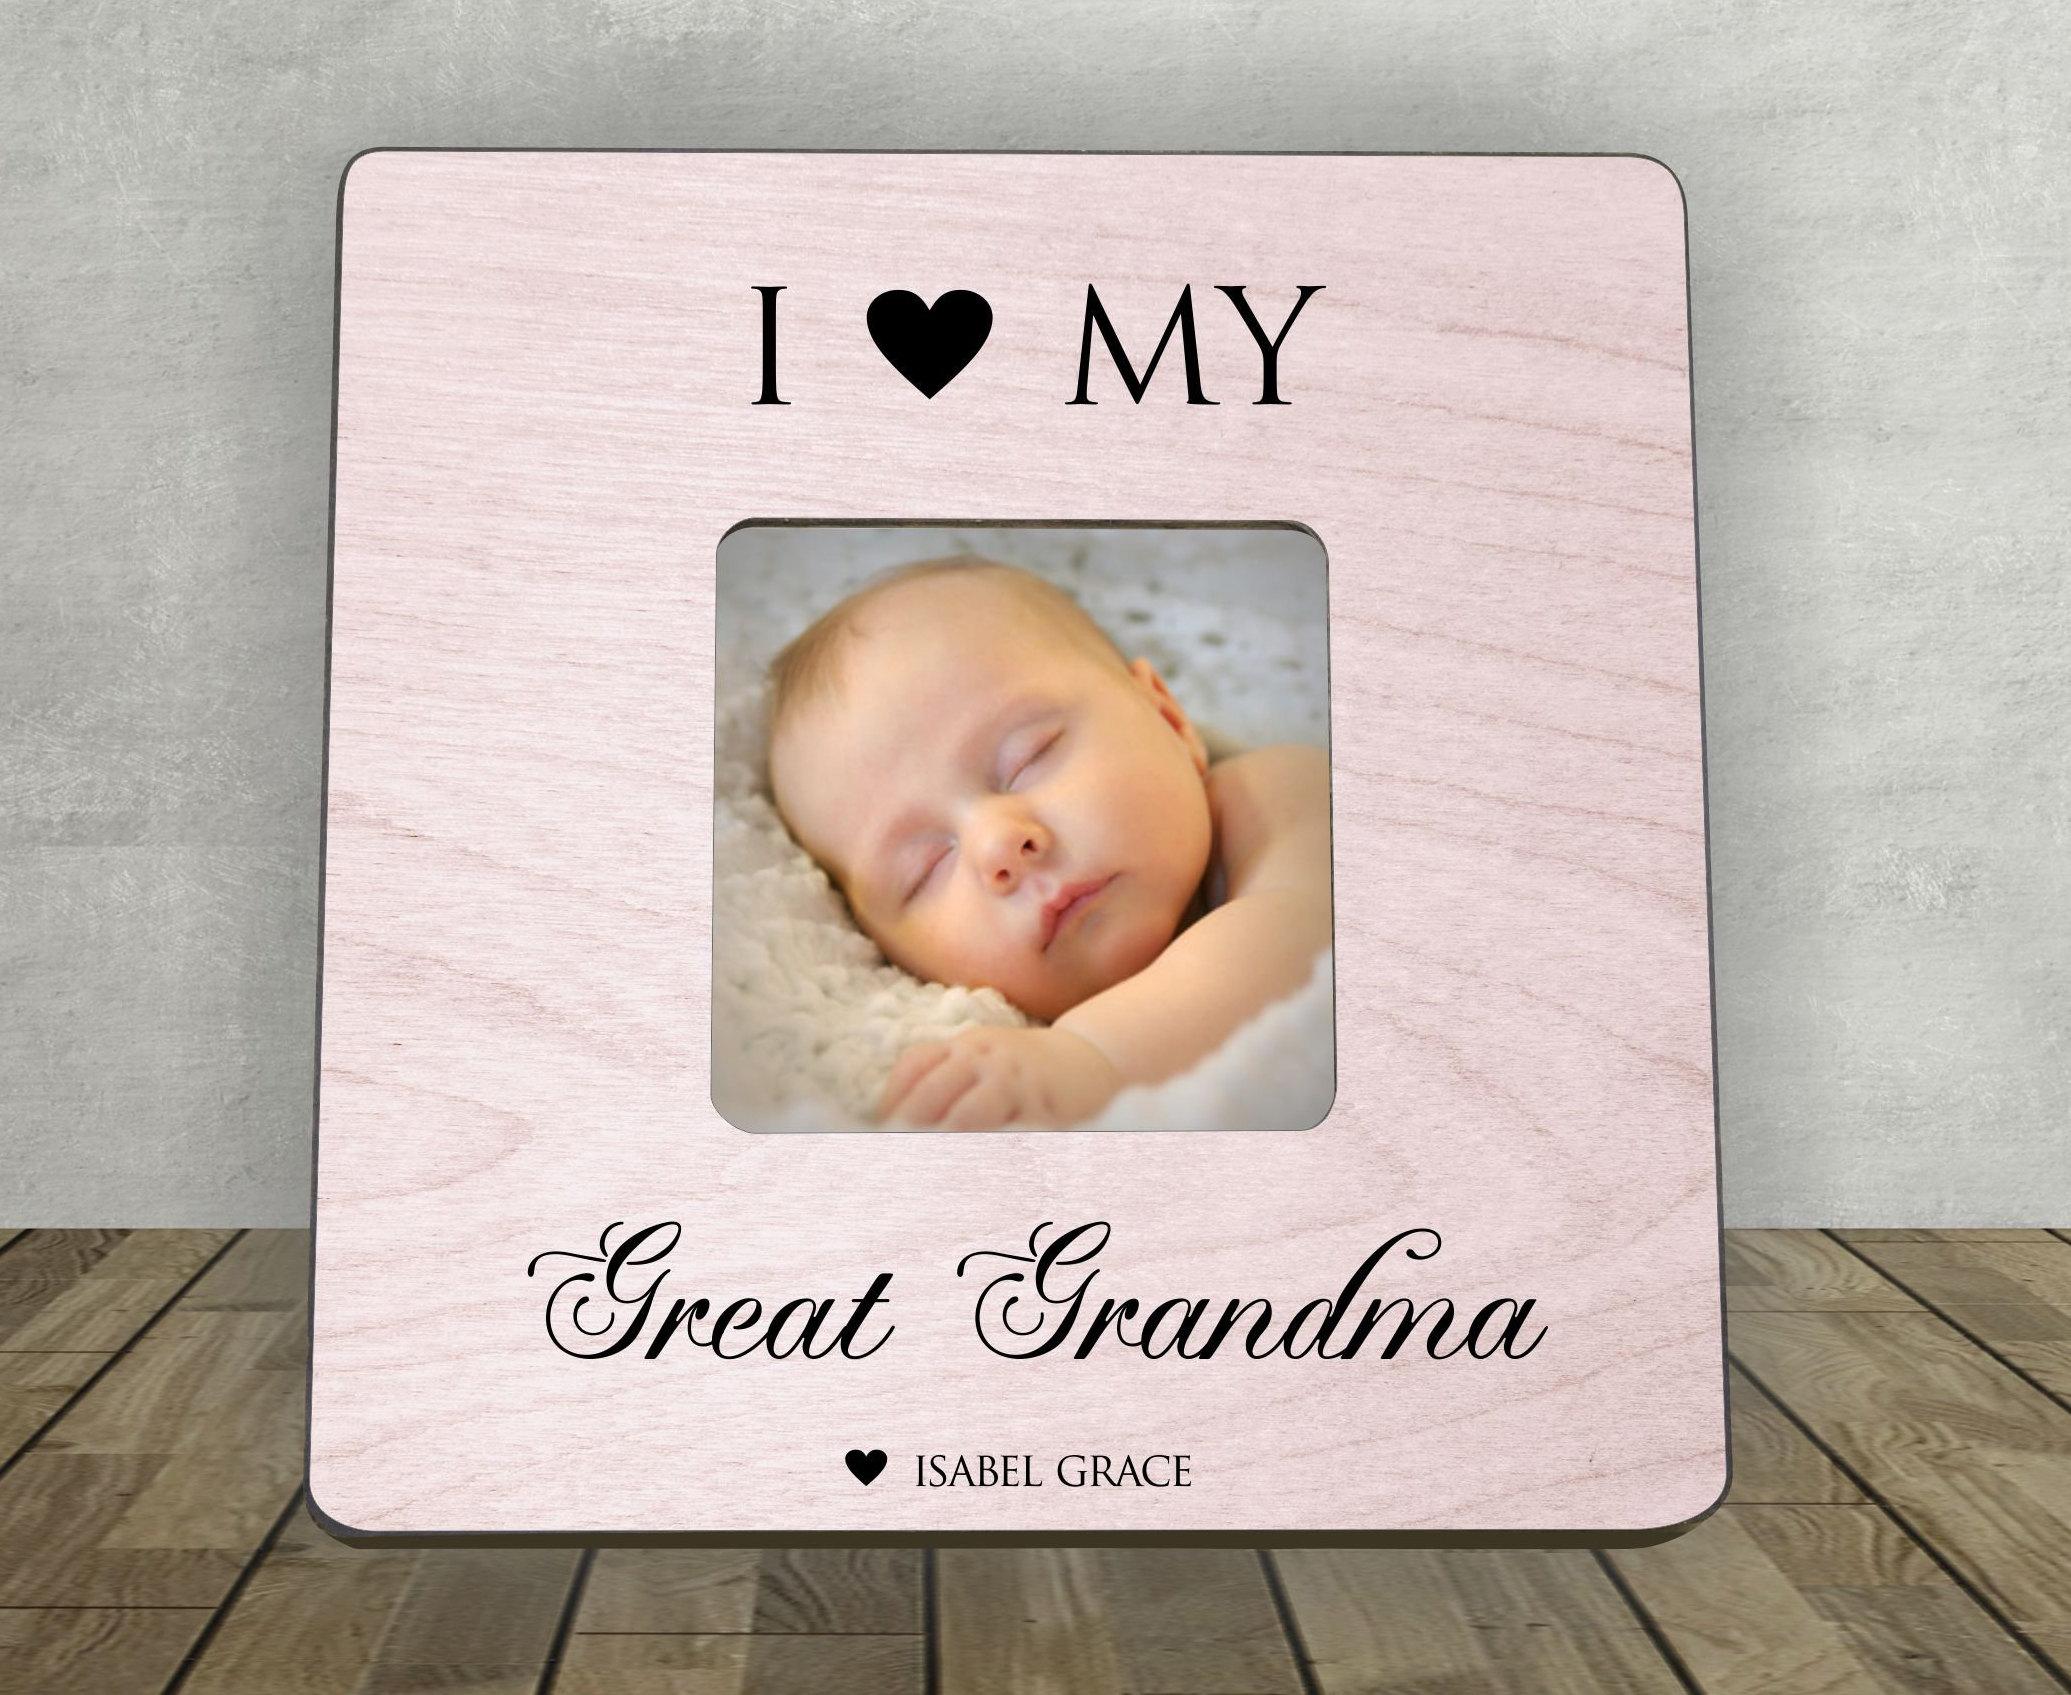 Tolle Oma-Bilderrahmen für Urgroßmutter personalisierte | Etsy